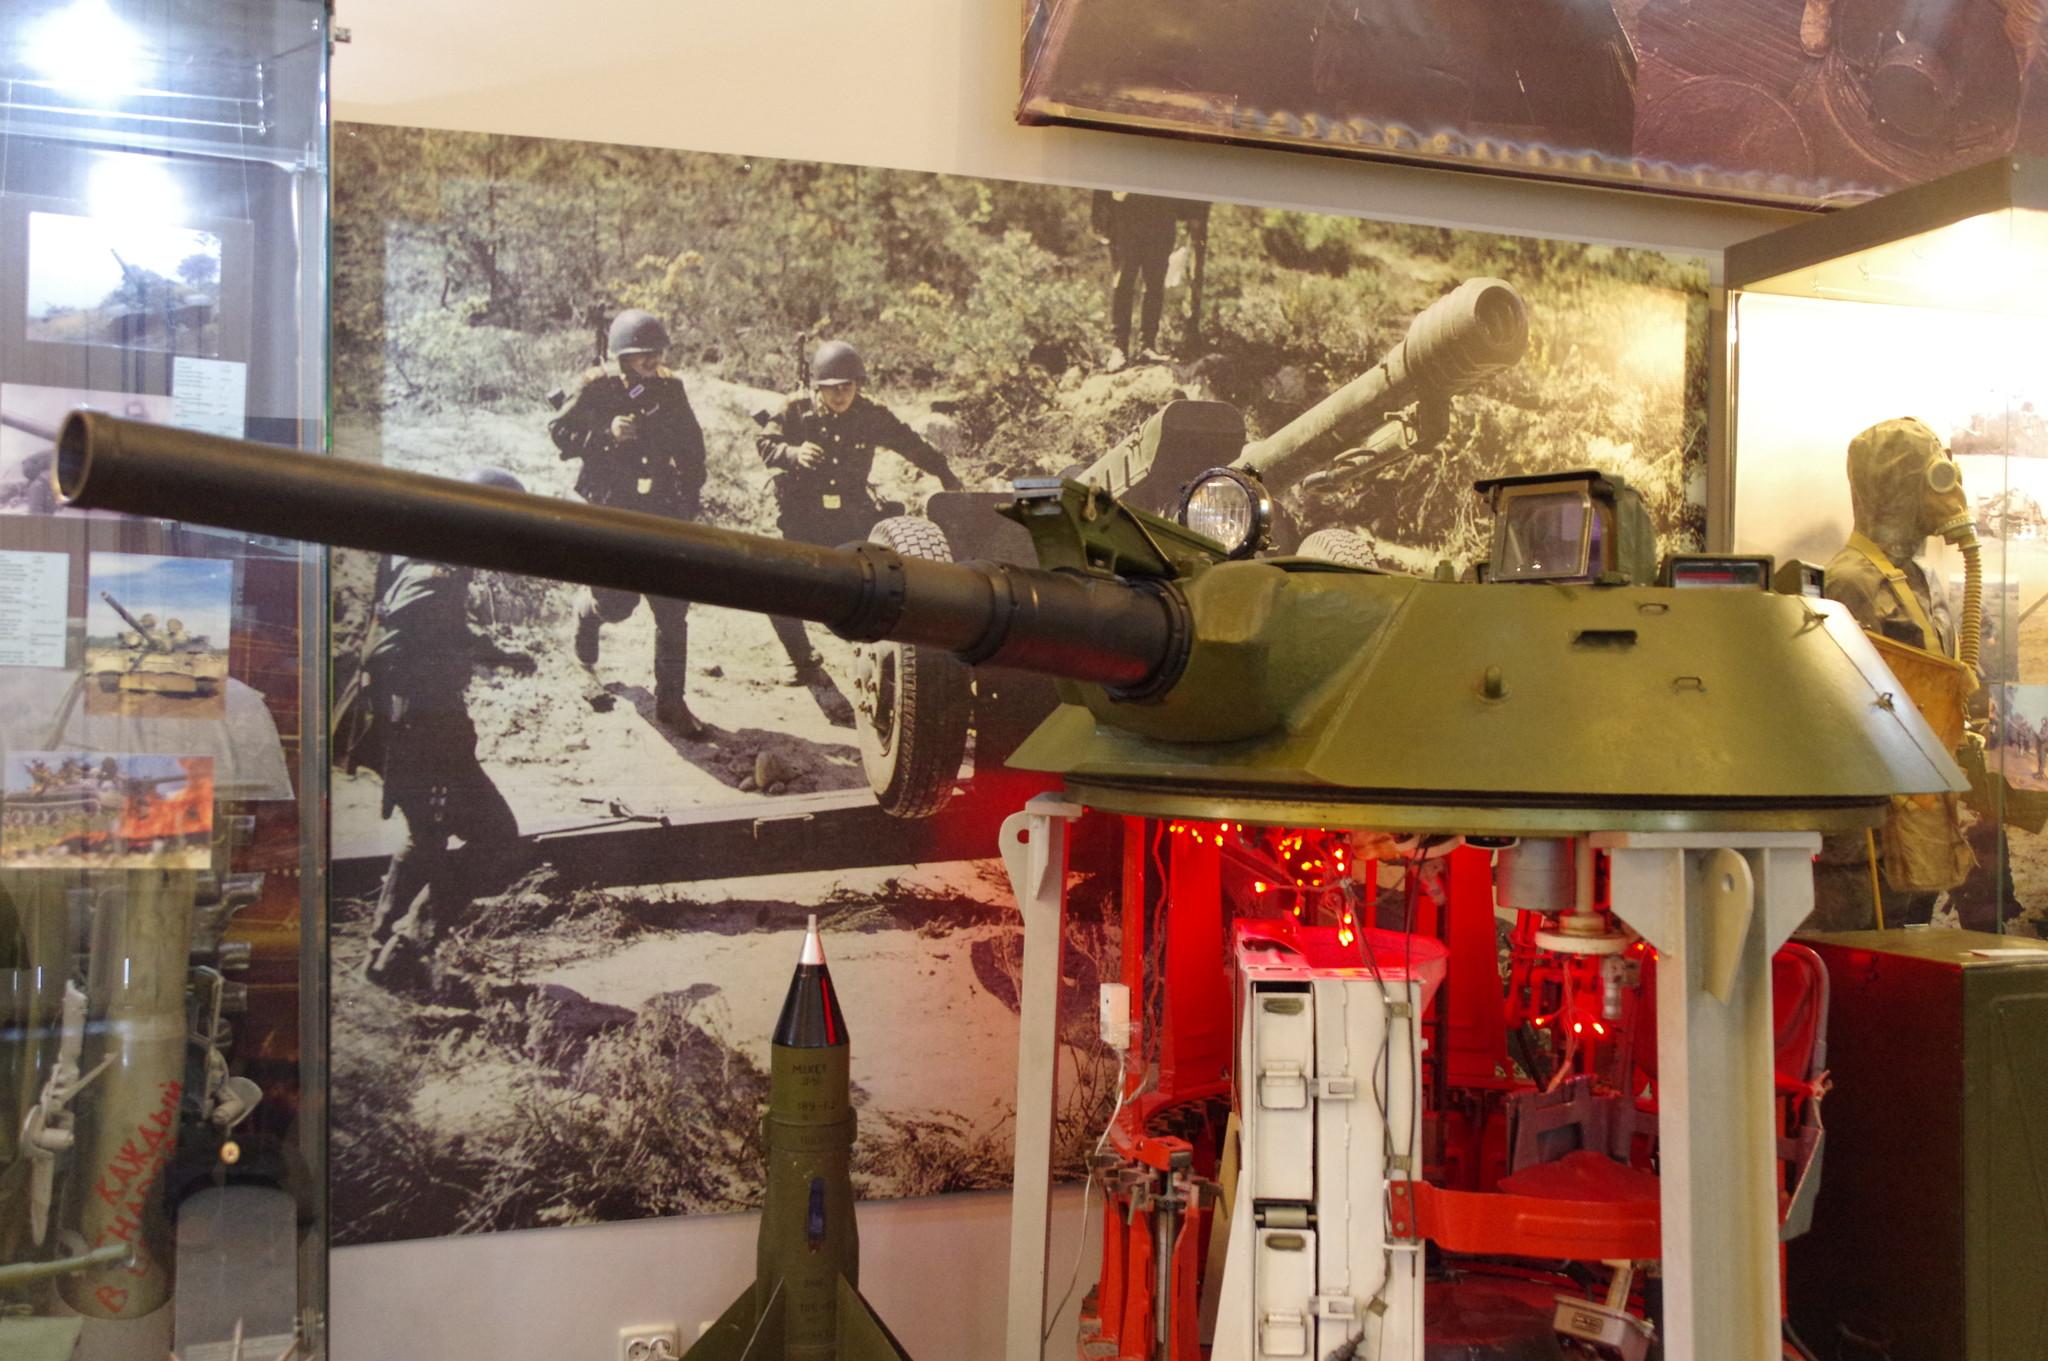 Башня боевой машины пехоты БМП-1 (учебная) в экспозиции Центрального музея Вооружённых сил Российской Федерации